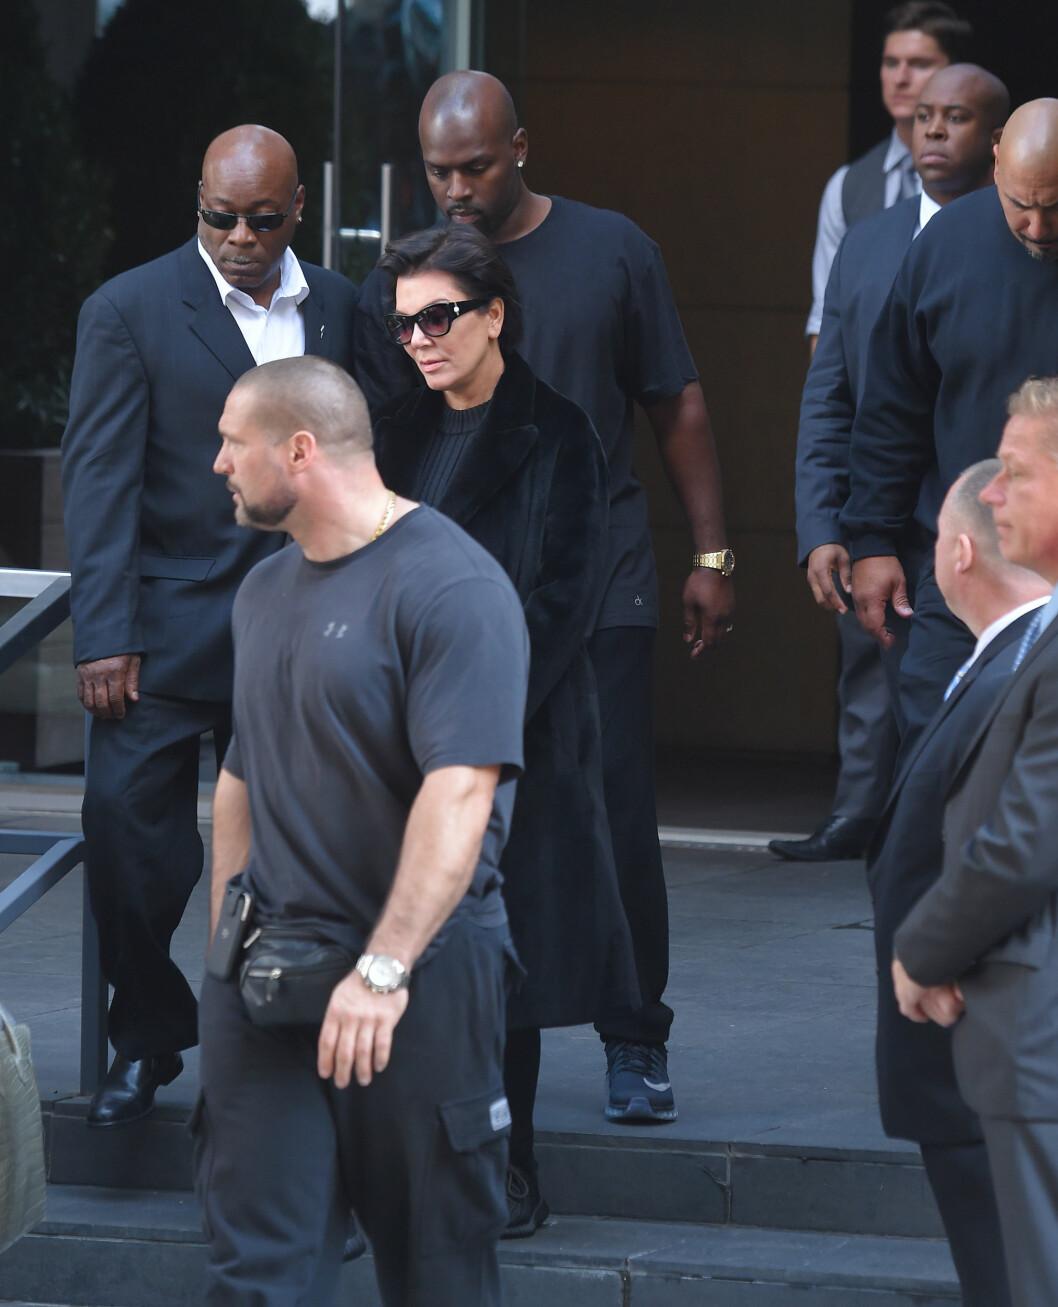 ØKER SIKEKRHETEN: Ikke bare Kim øker sikkherheten. Kris vil også øke sikkherheten til resten av Kardashian-familien. Foto: Buzzfoto.com